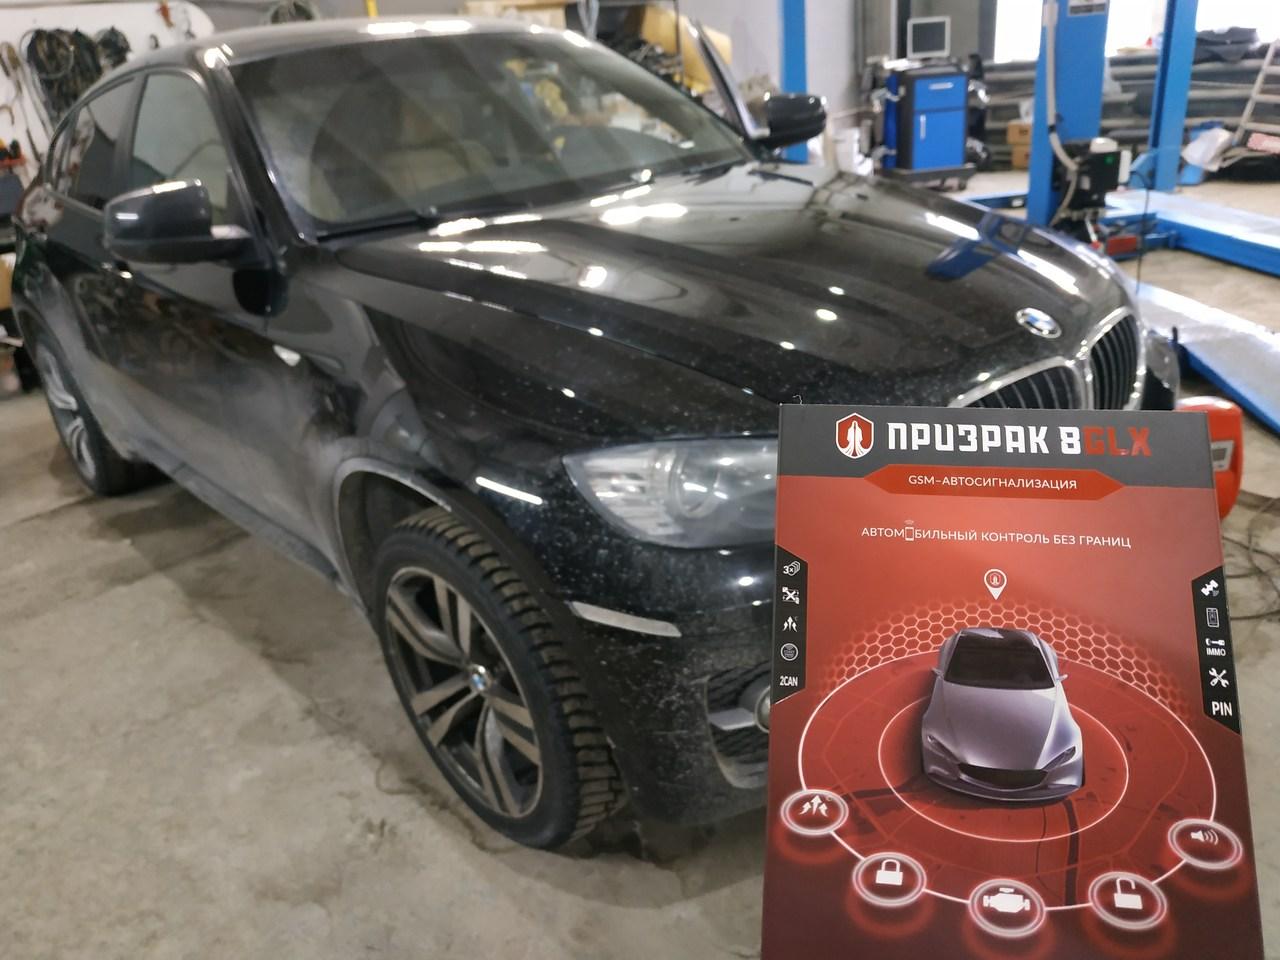 установка сигнализации Призрак 8GLX с автозапуском, BMW X6 E71